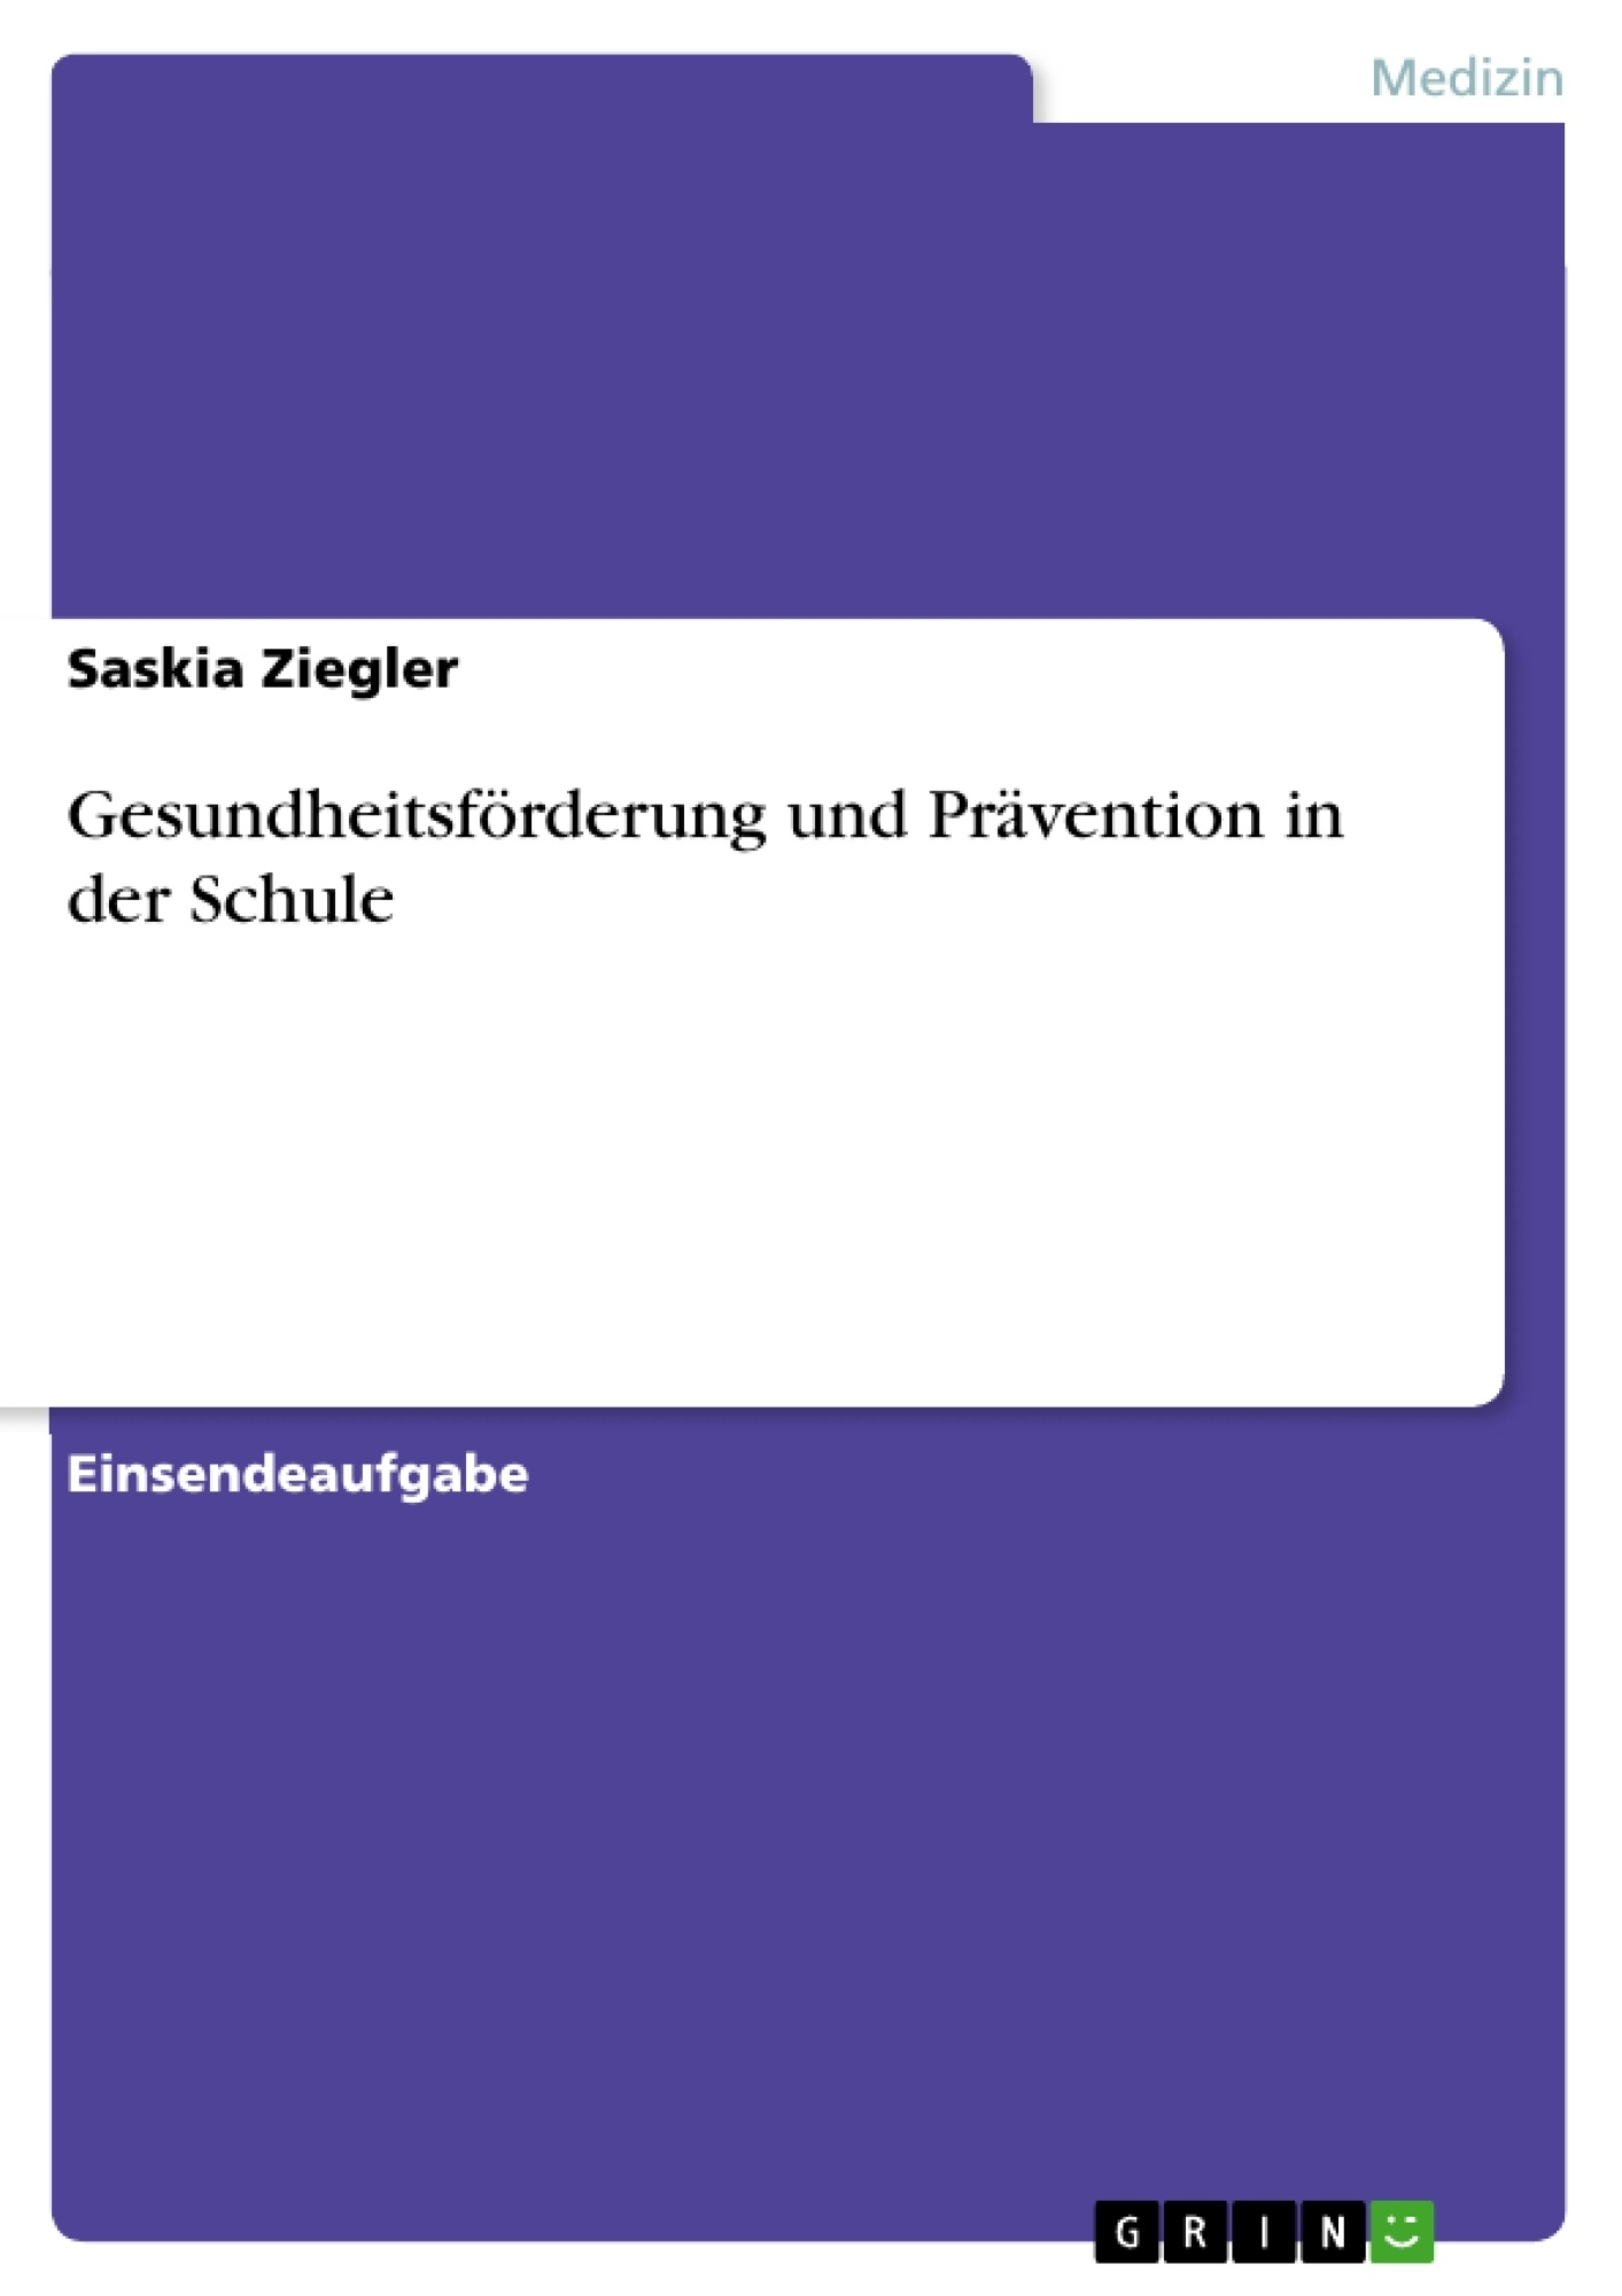 Titel: Gesundheitsförderung und Prävention in der Schule